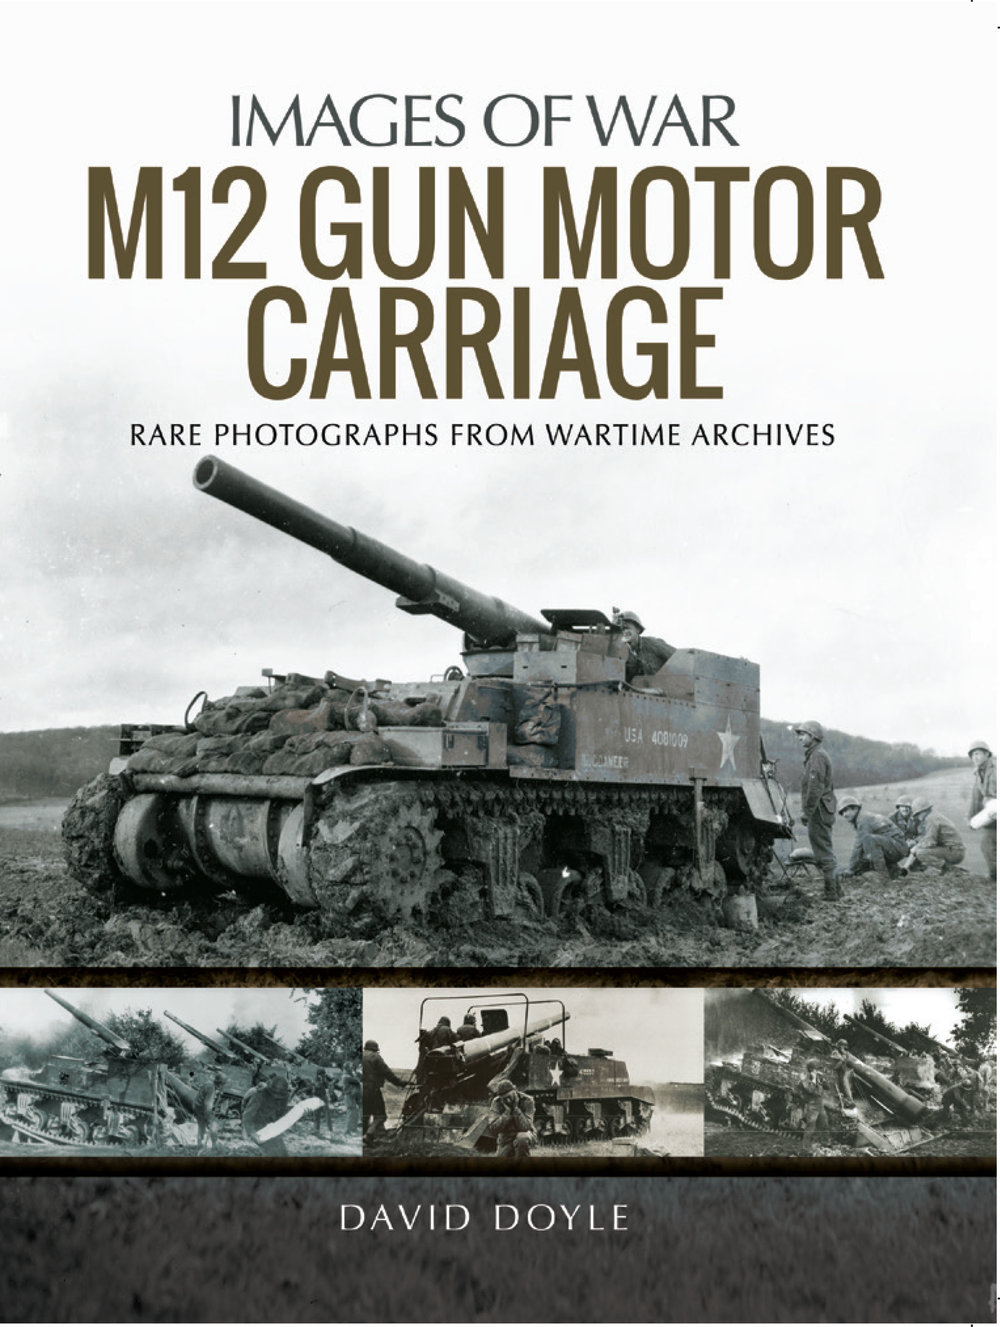 M12 GUN MOTOR cover.jpg